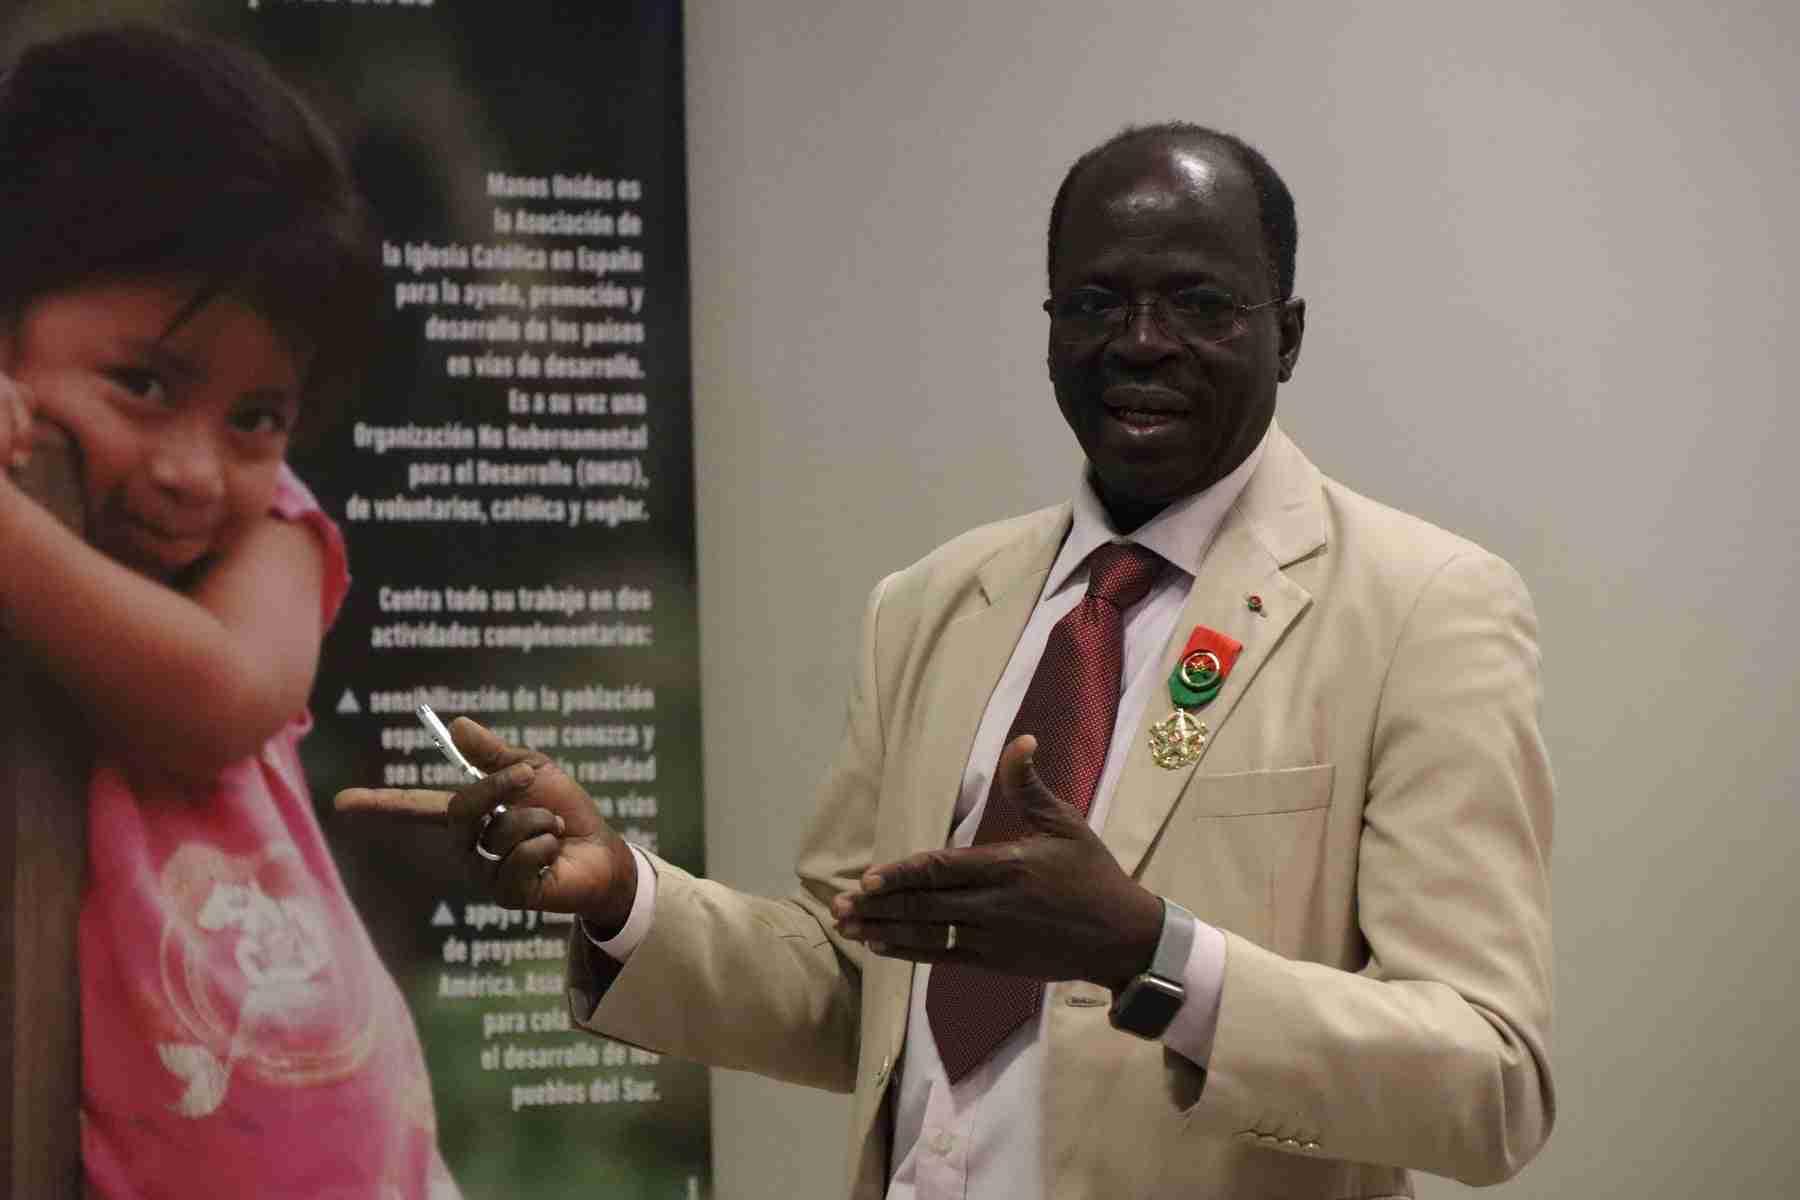 Hamidou Keivin presenta el proyecto de Manos Unidas en Burkina Faso 18